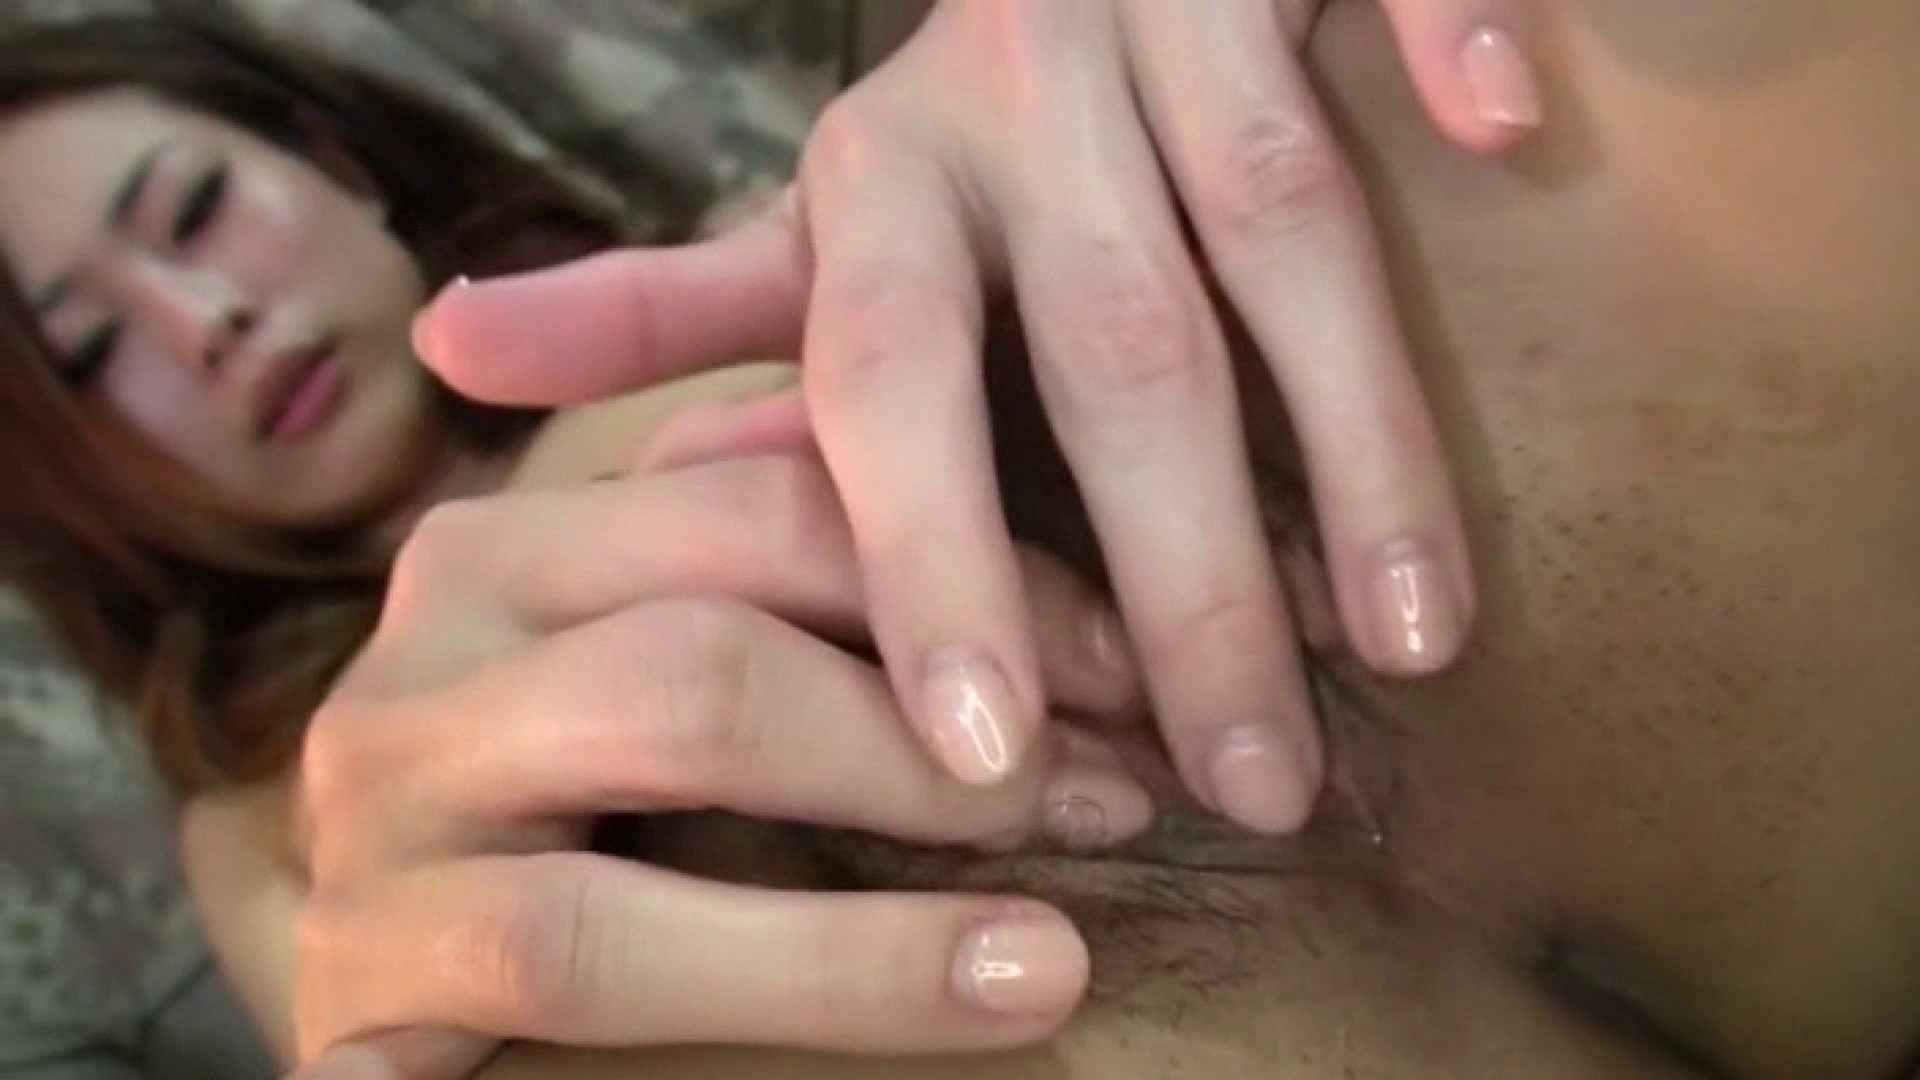 おしえてギャル子のH塾 Vol.34前編 0 | オナニー  36枚